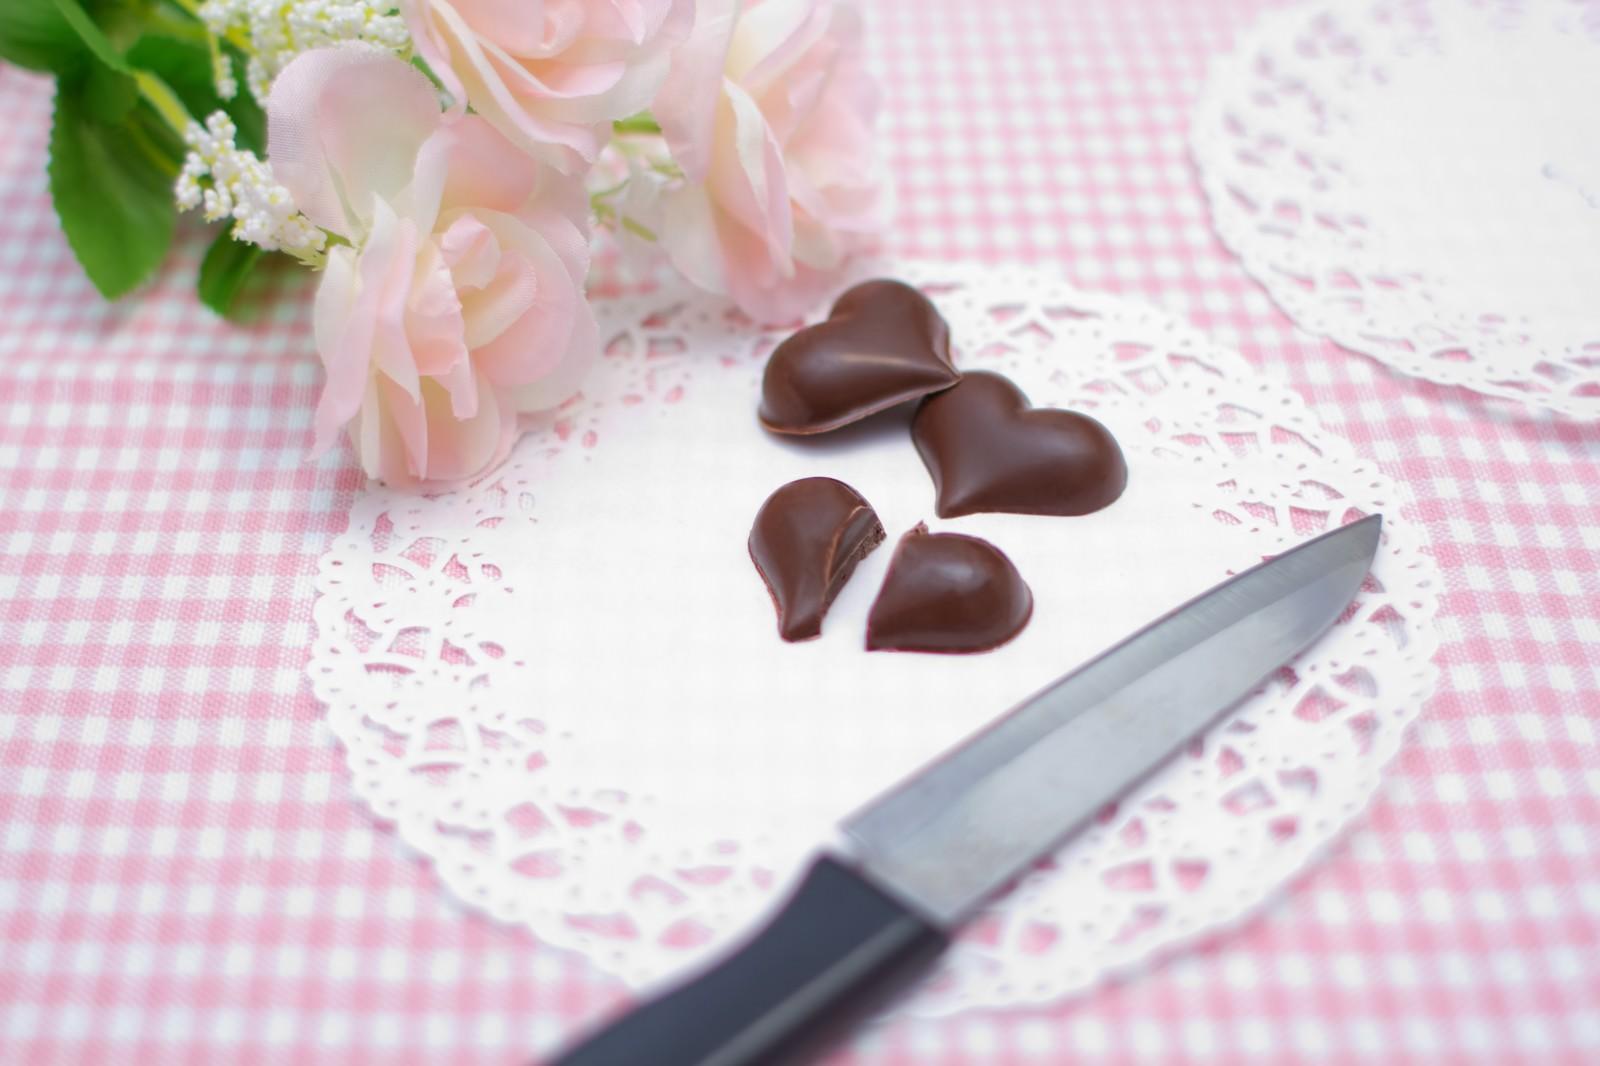 「ハートのチョコを真っ二つにナイフで切る」の写真